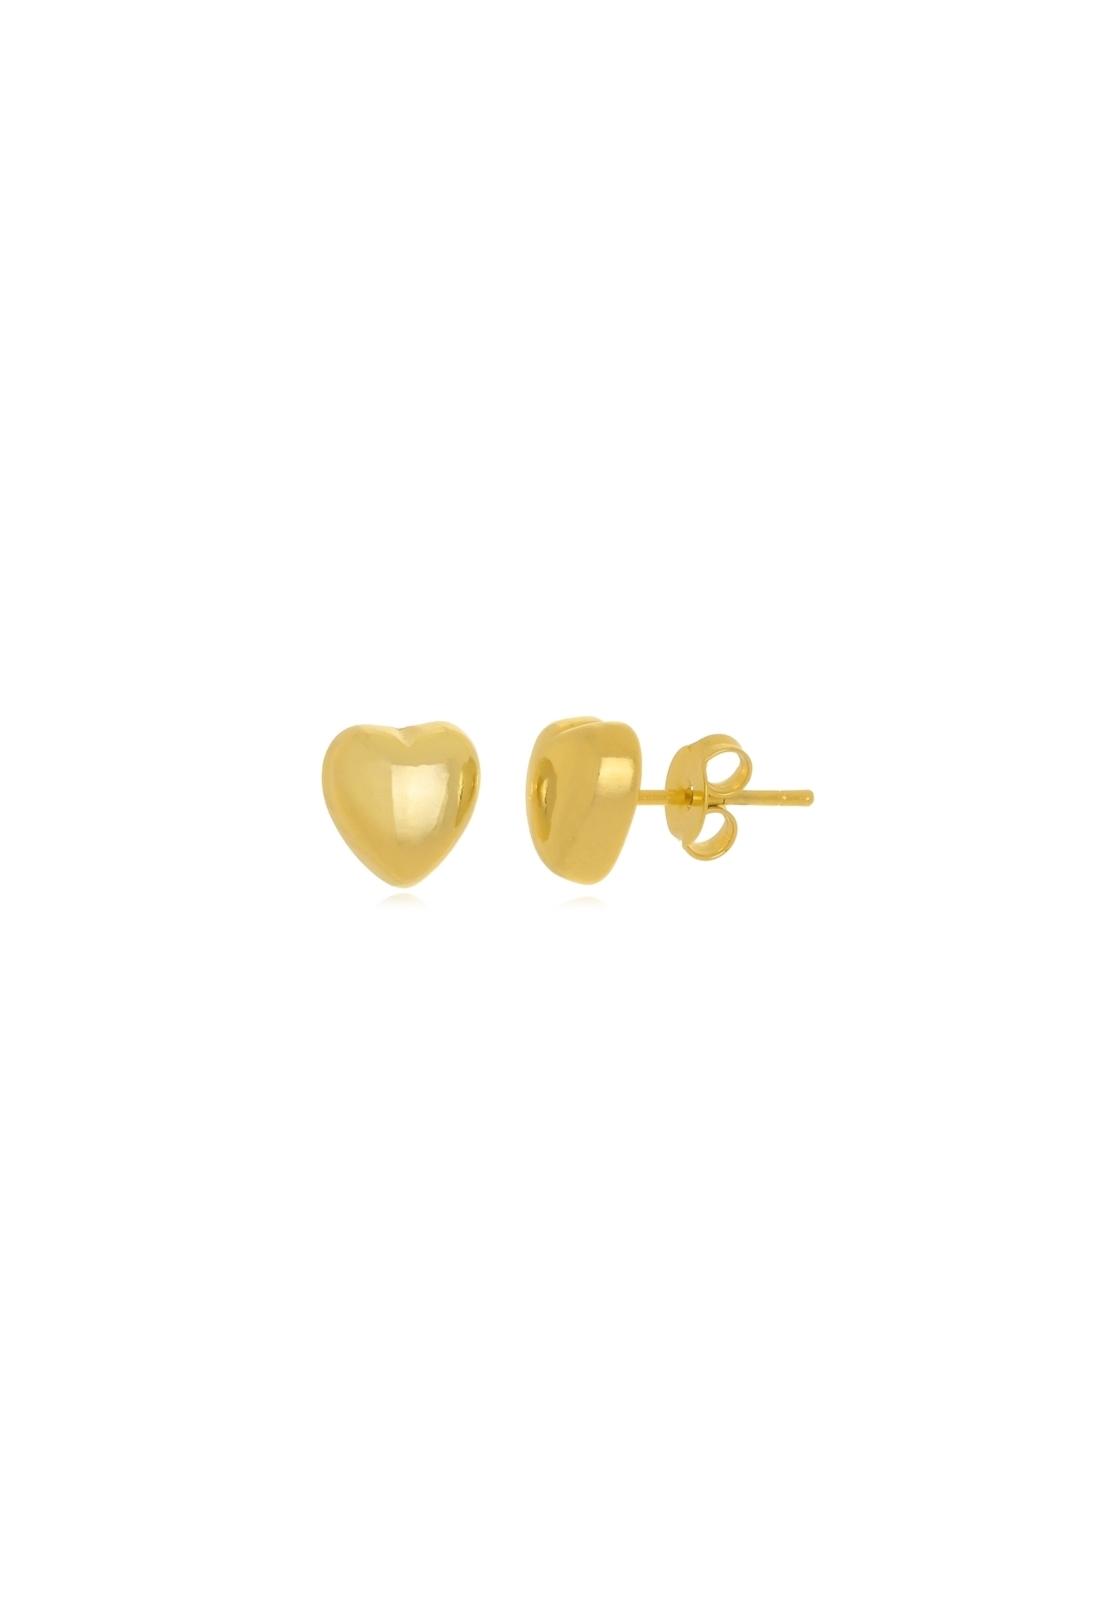 Brinco Le Diamond Coração Médio Dourado